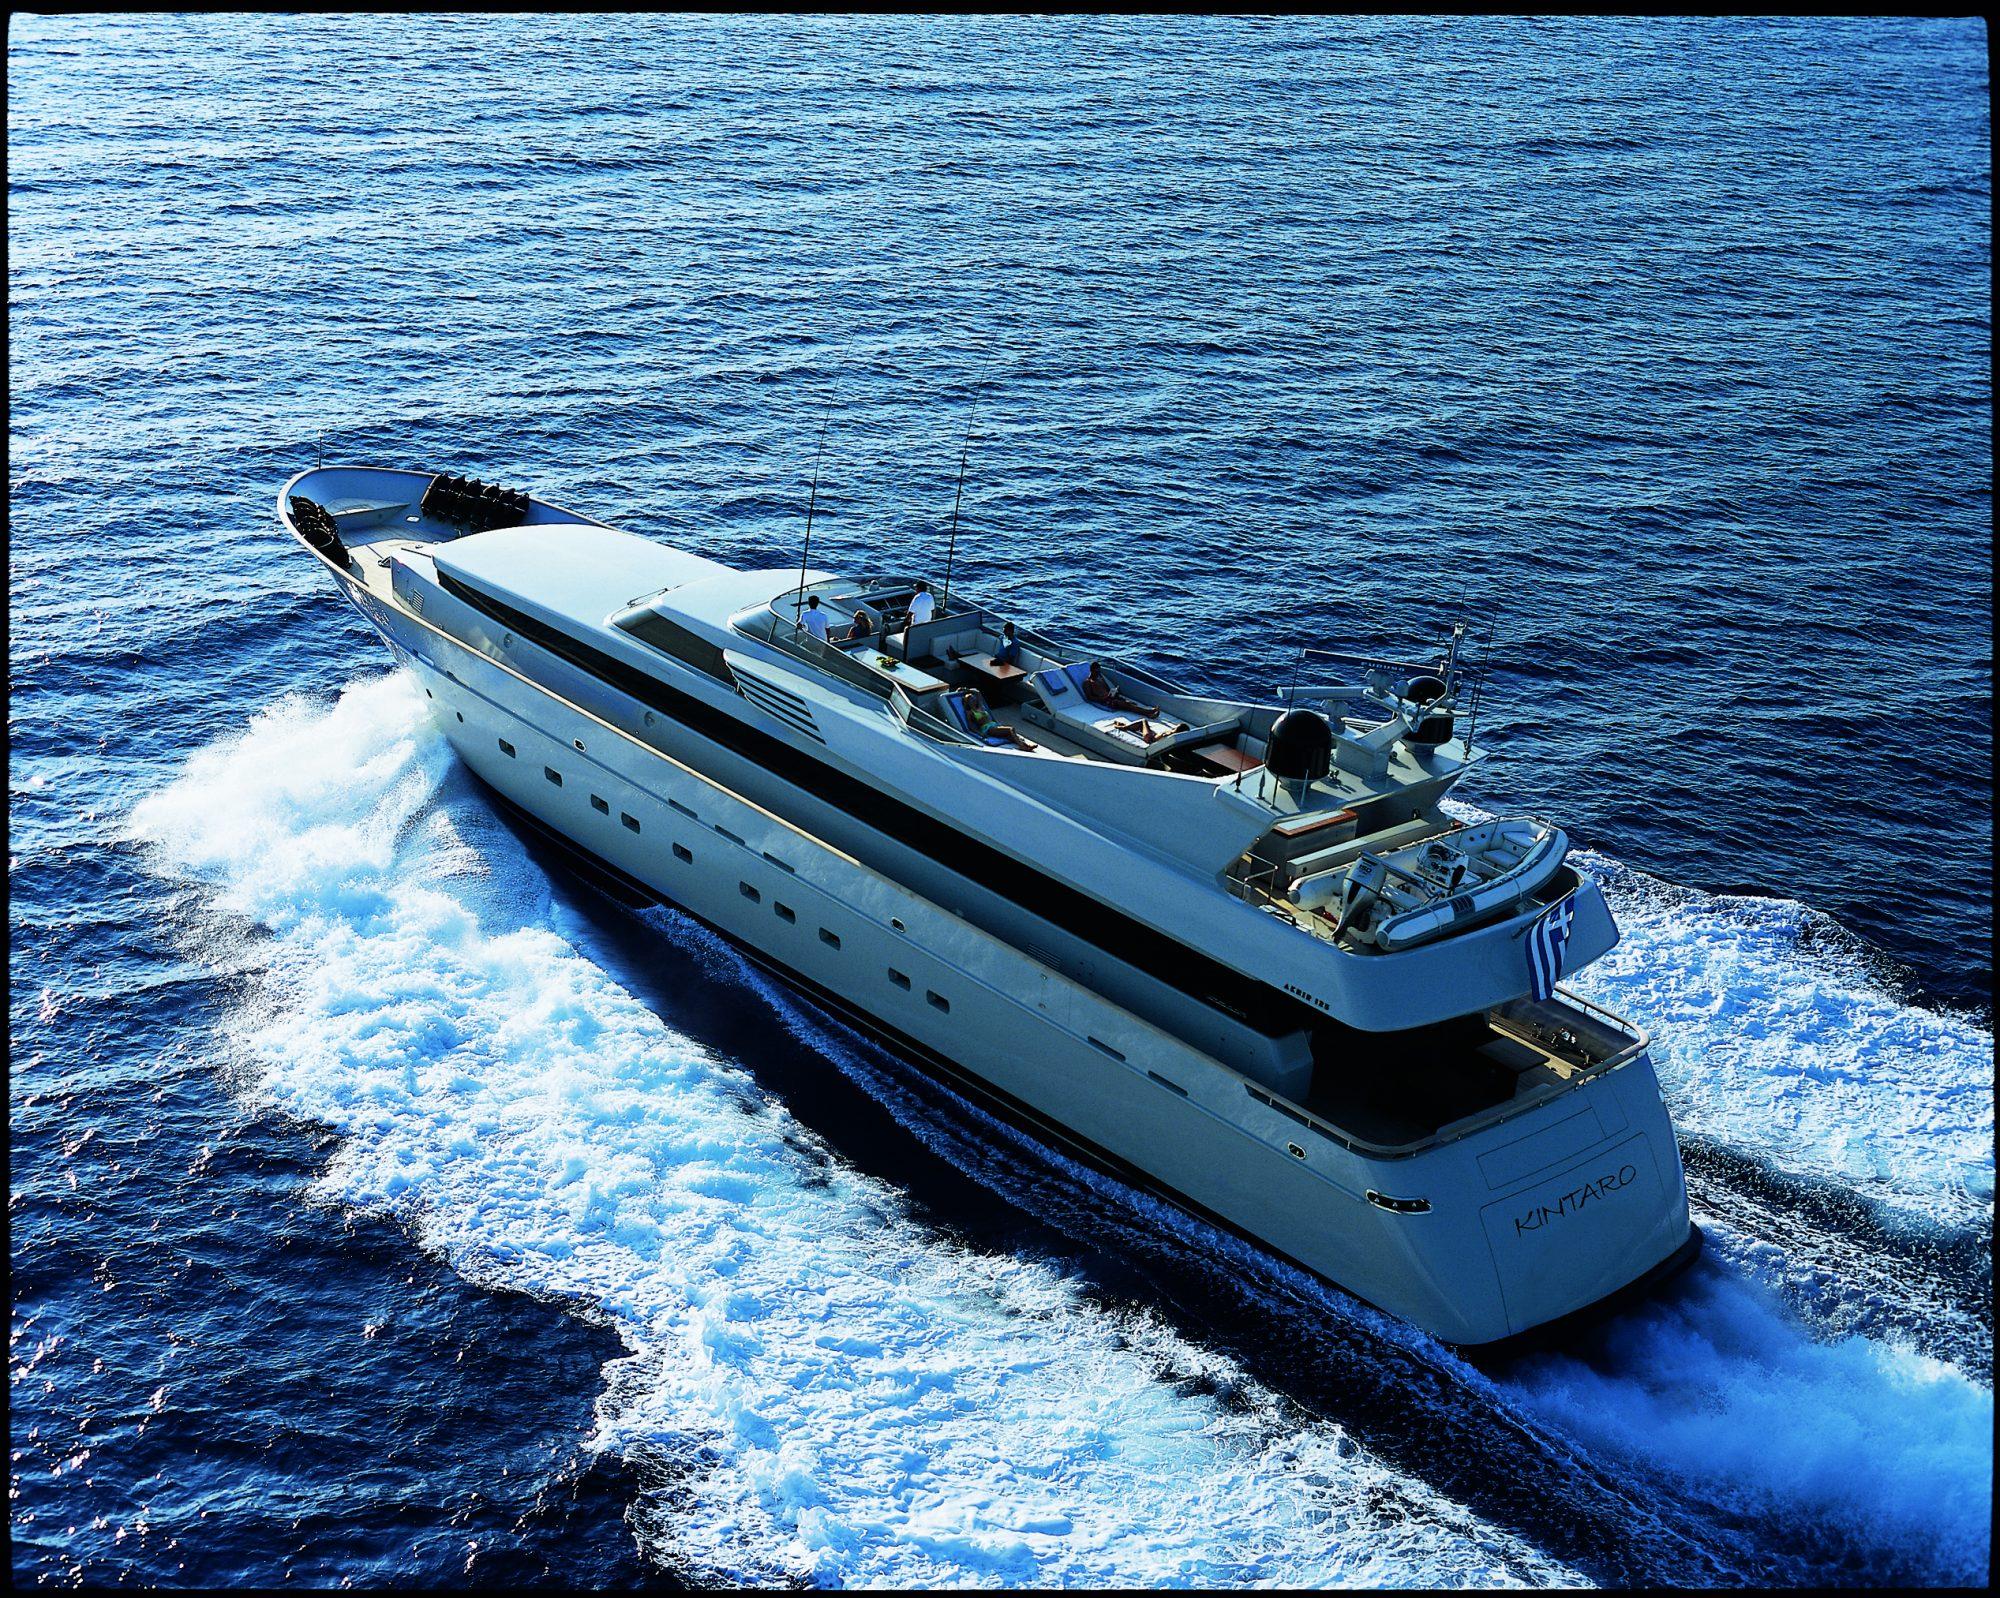 yacht for charter kintaro